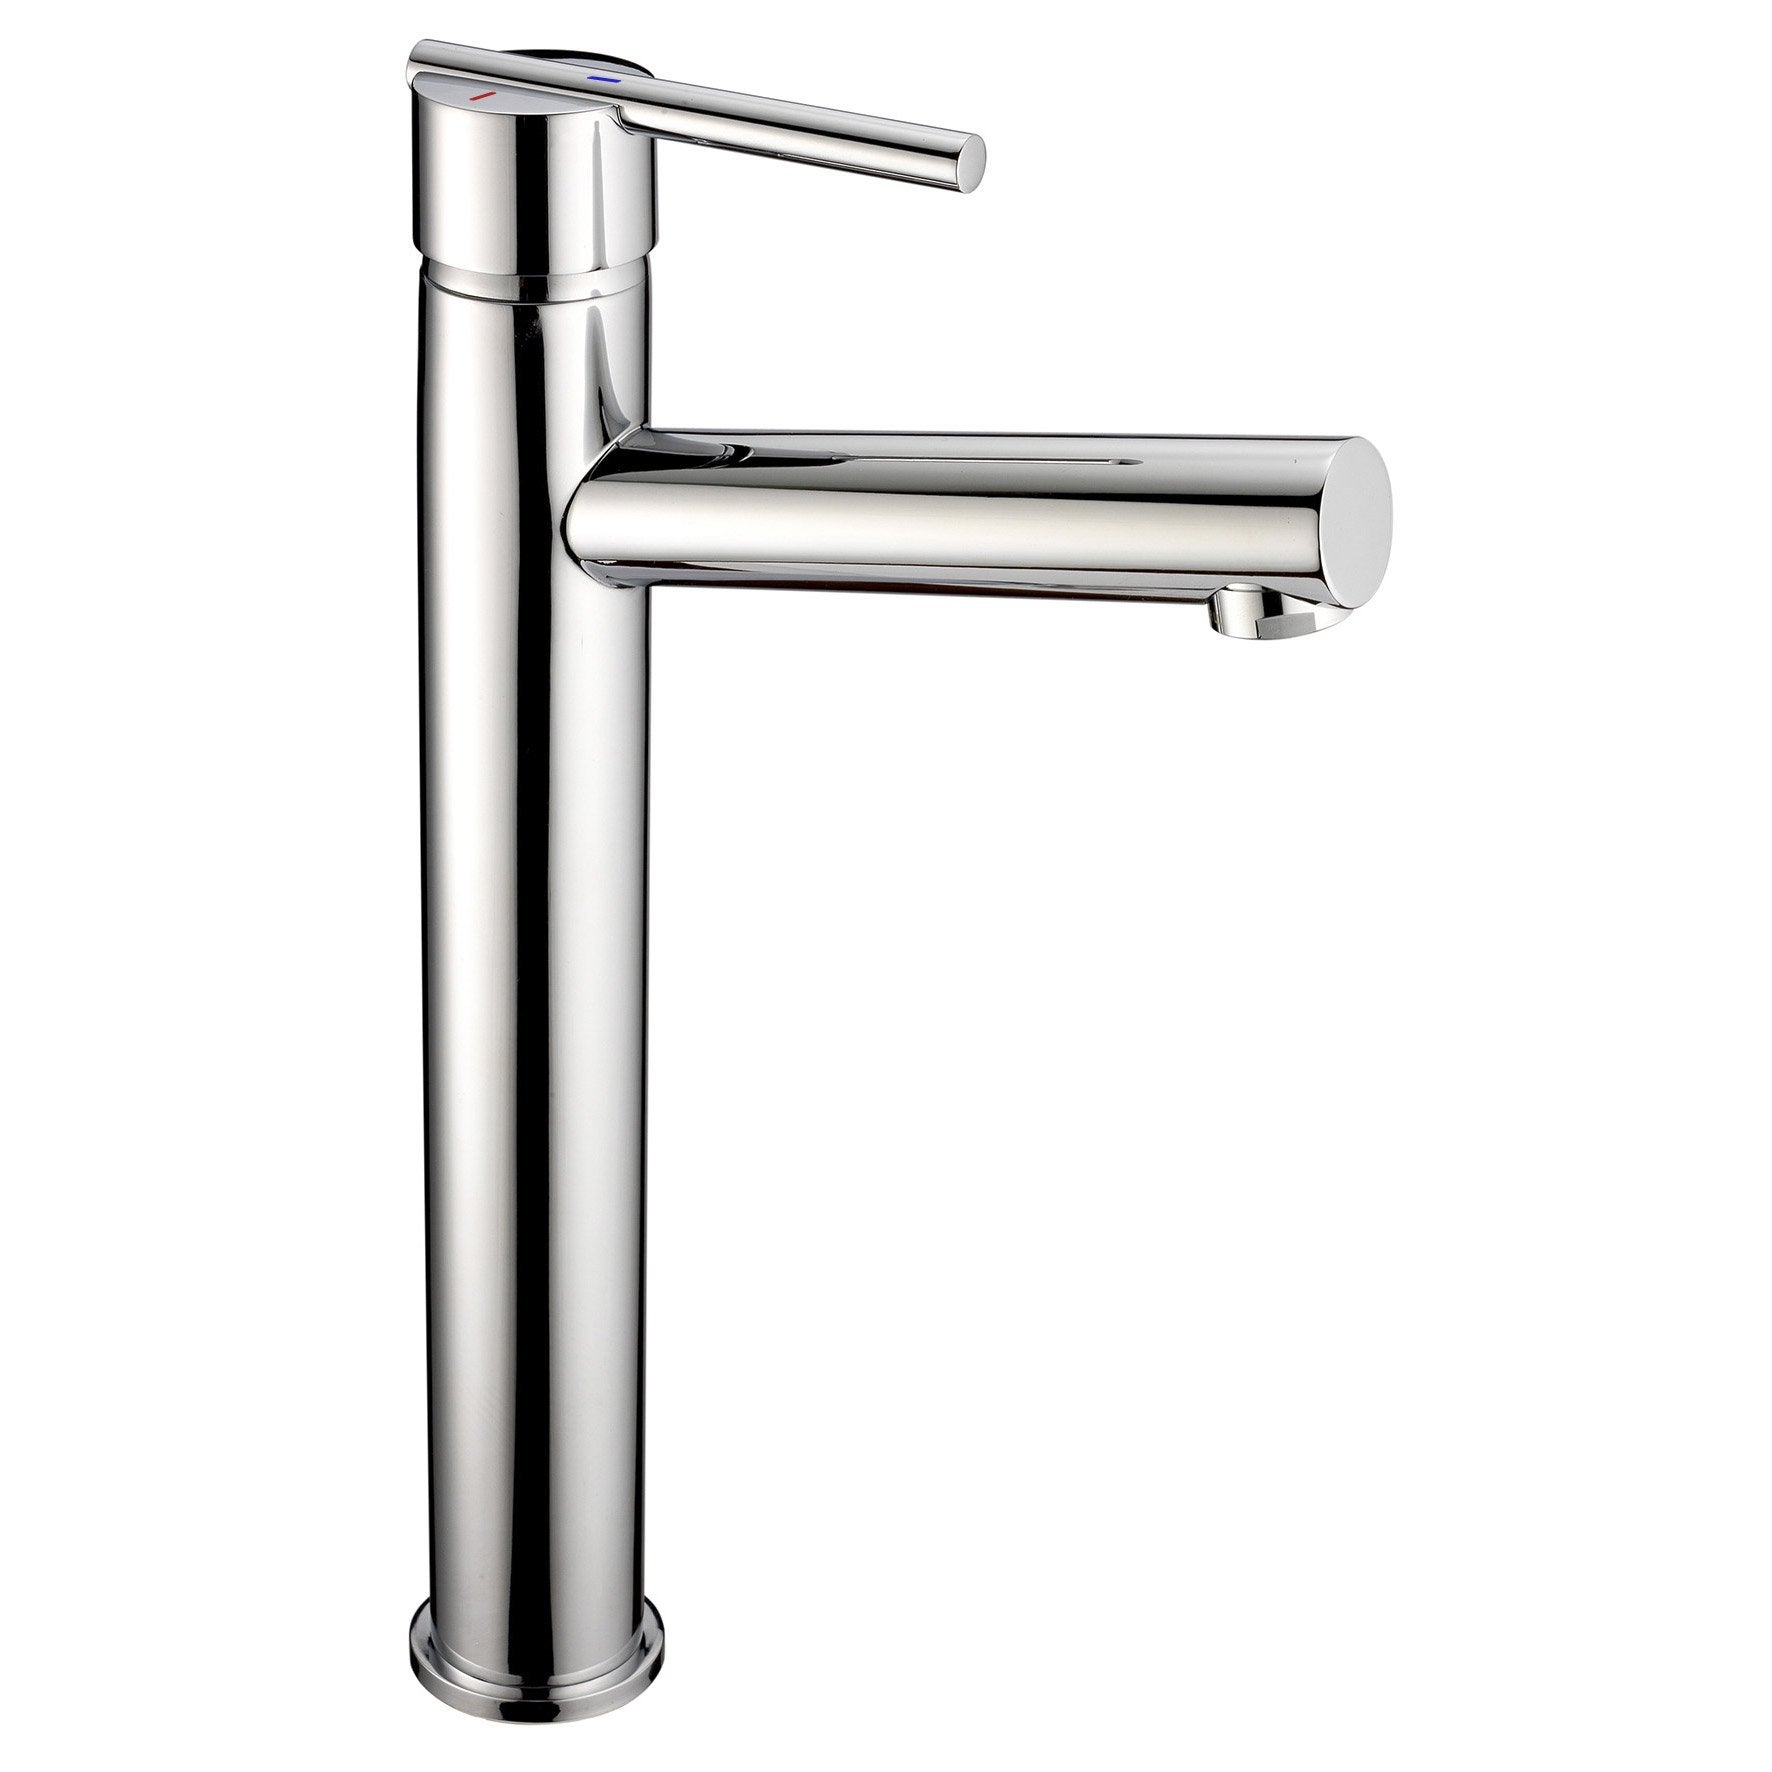 Mitigeur de lavabo chromé chromé, SENSEA Filea